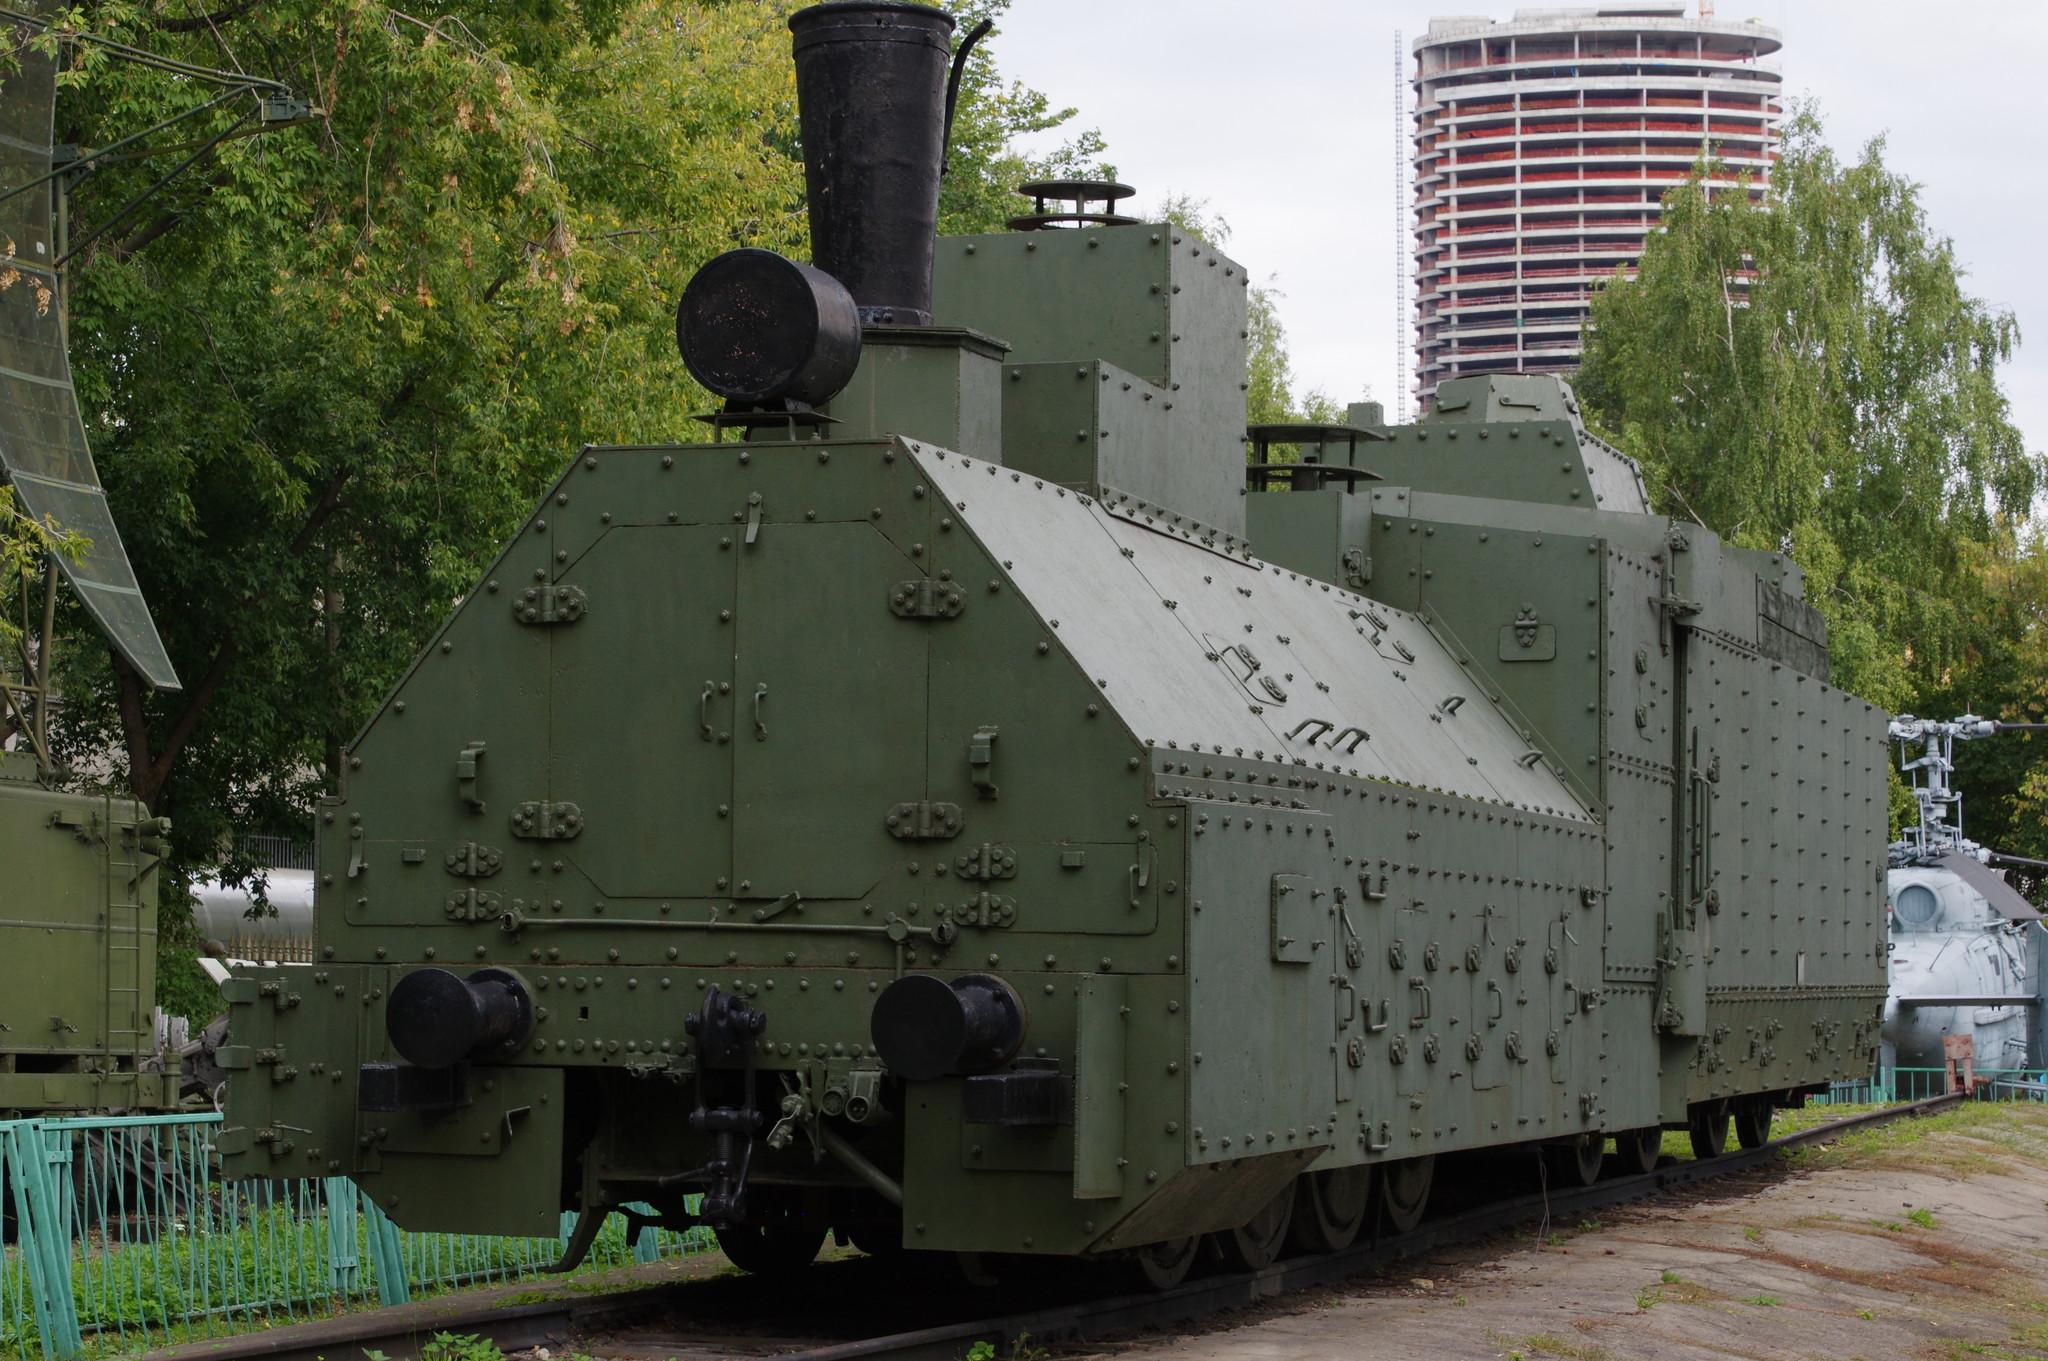 Бронепаровоз ОВ № 5067 бронепоезда «Красновосточник» (открытая площадка экспозиции военной техники Центрального музея Вооружённых Сил)